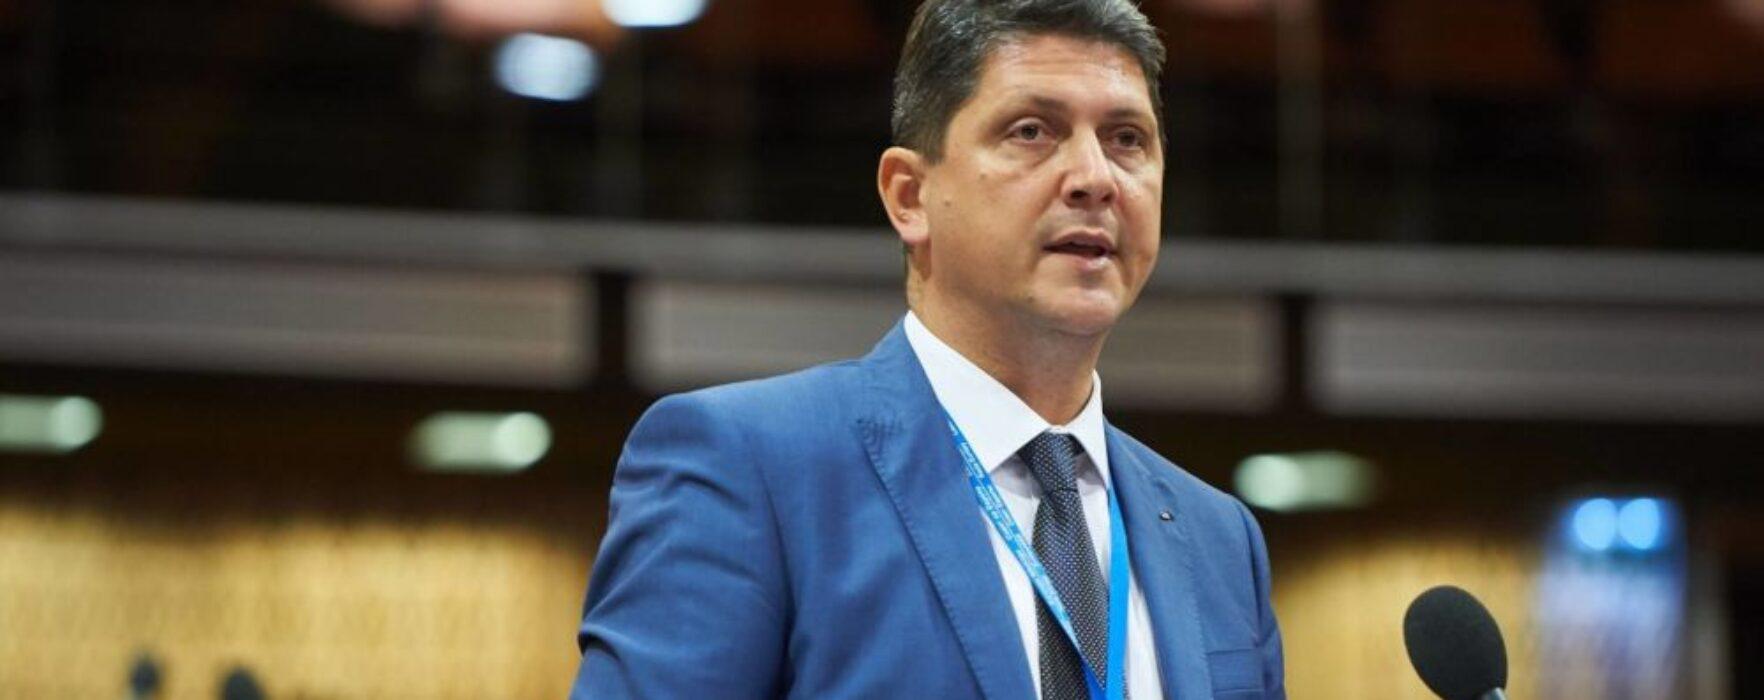 Titus Corlățean s-a întâlnit cu ambasadorii Republicii Chile, Turciei și Croației